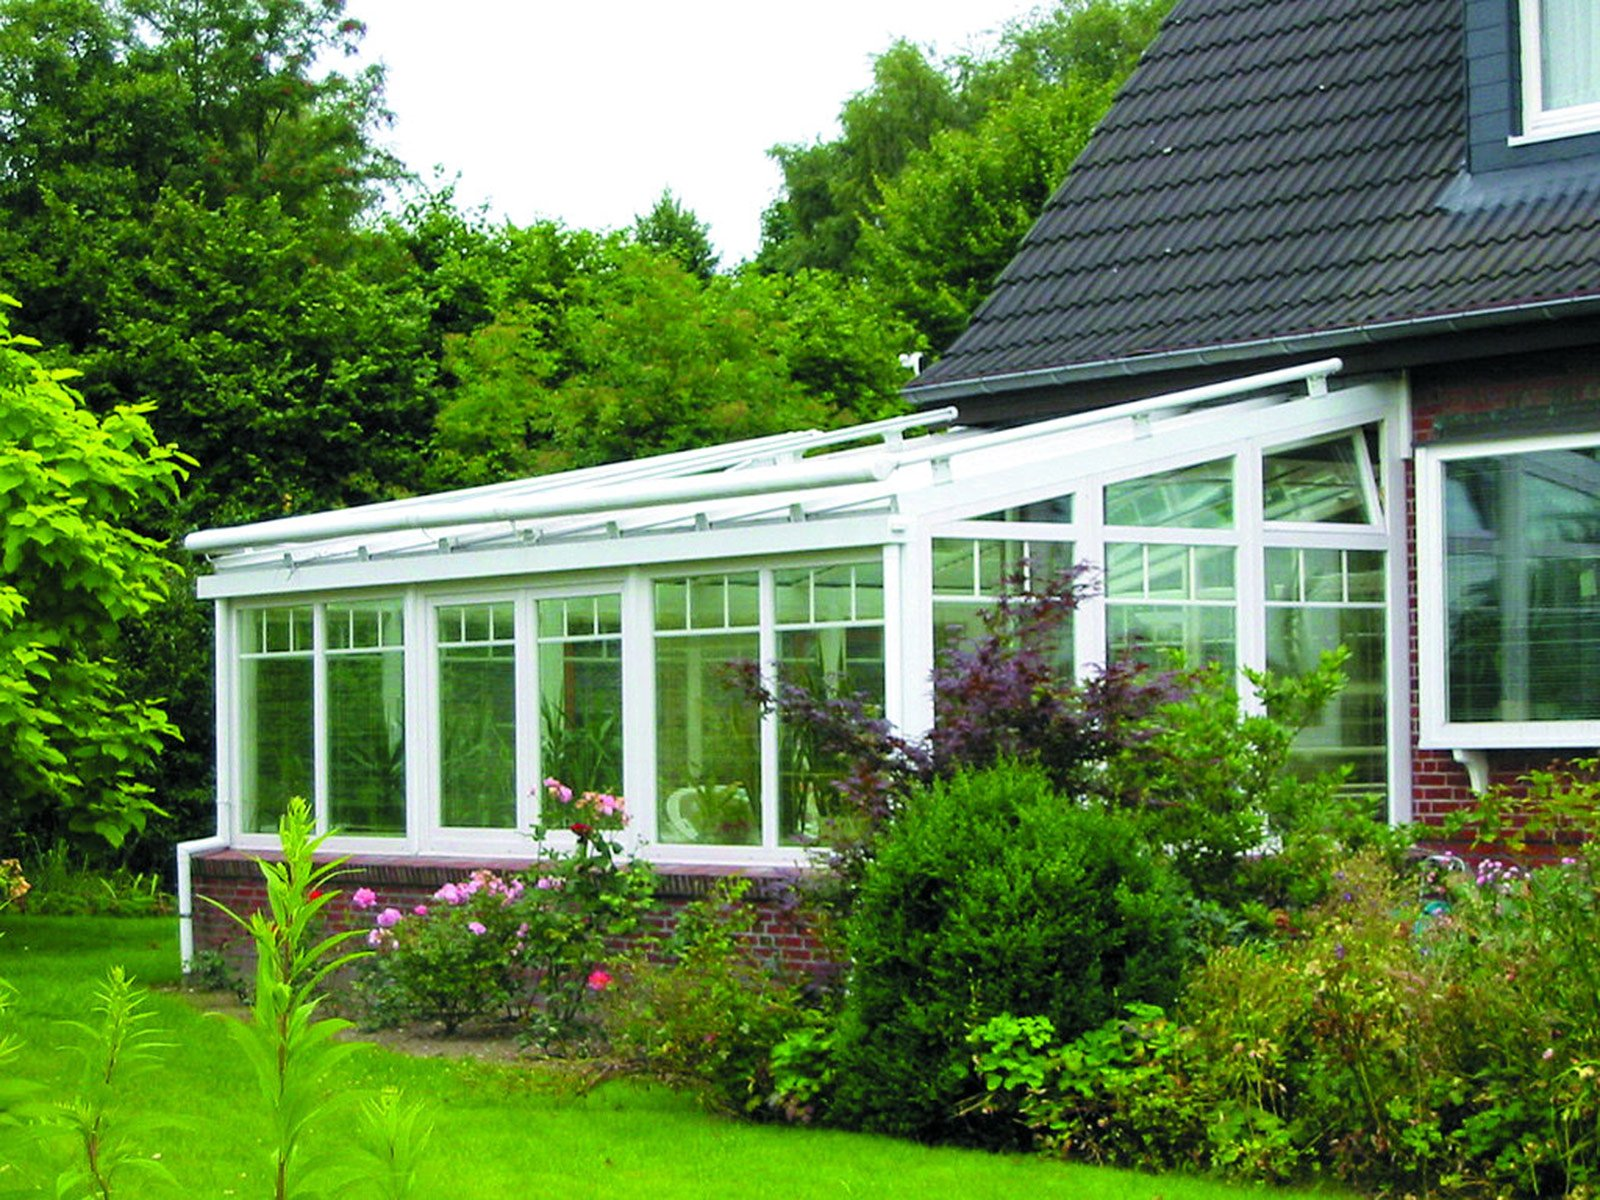 Veranda che serramento scegliere cose di casa - Verande su terrazzi ...